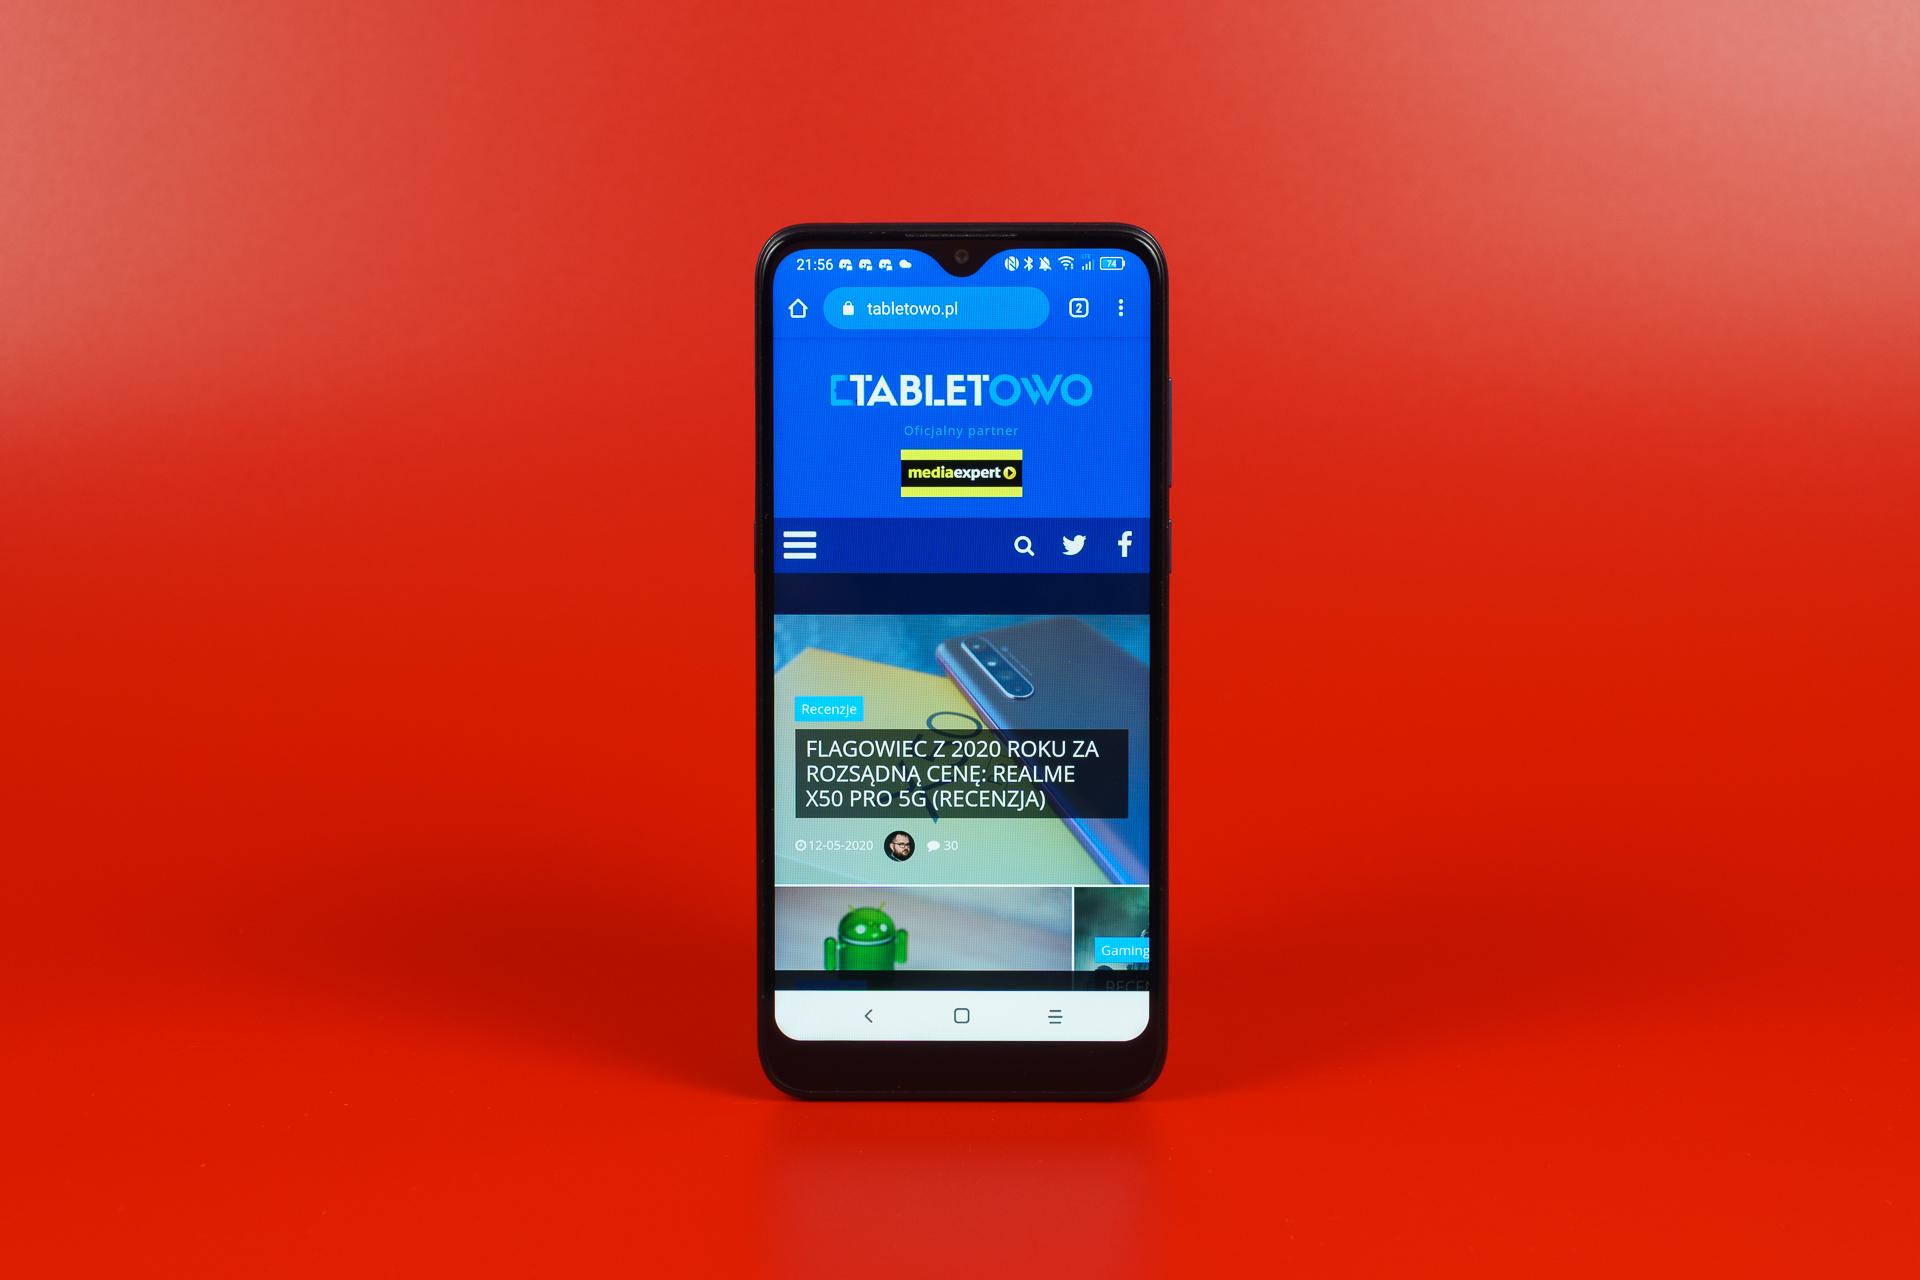 Recenzja Alcatela 1s (2020) - pełen kompromisów, ale z NFC